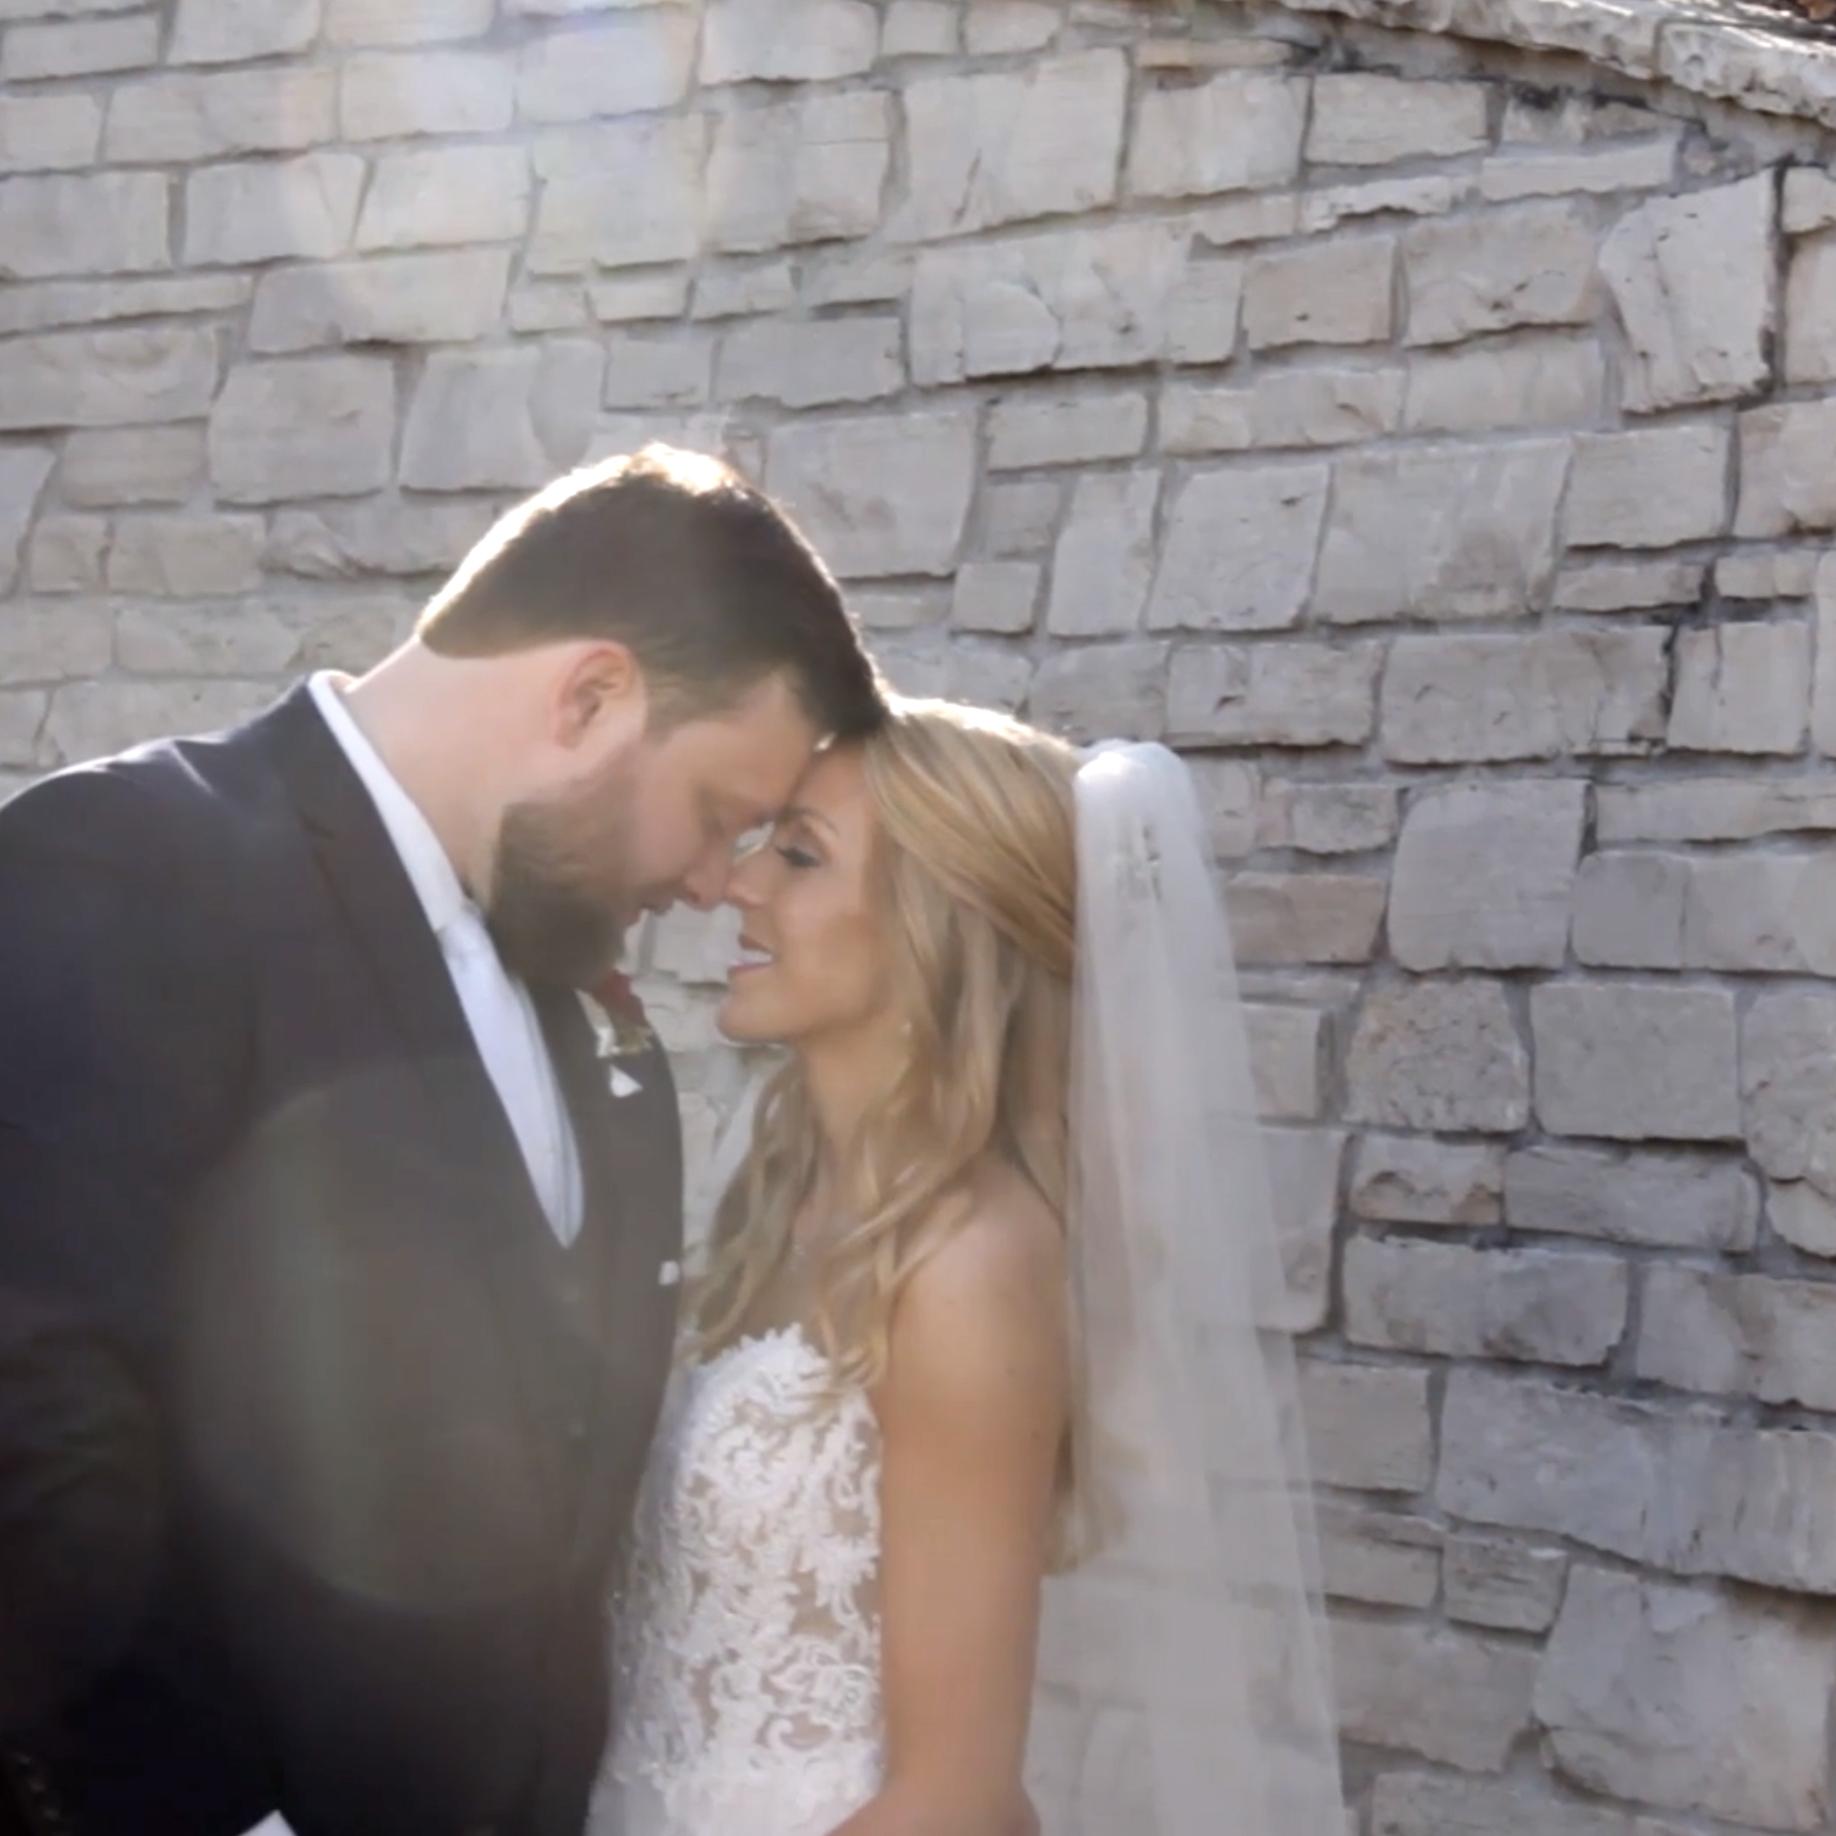 stlouis-wedding-video-tips.jpg